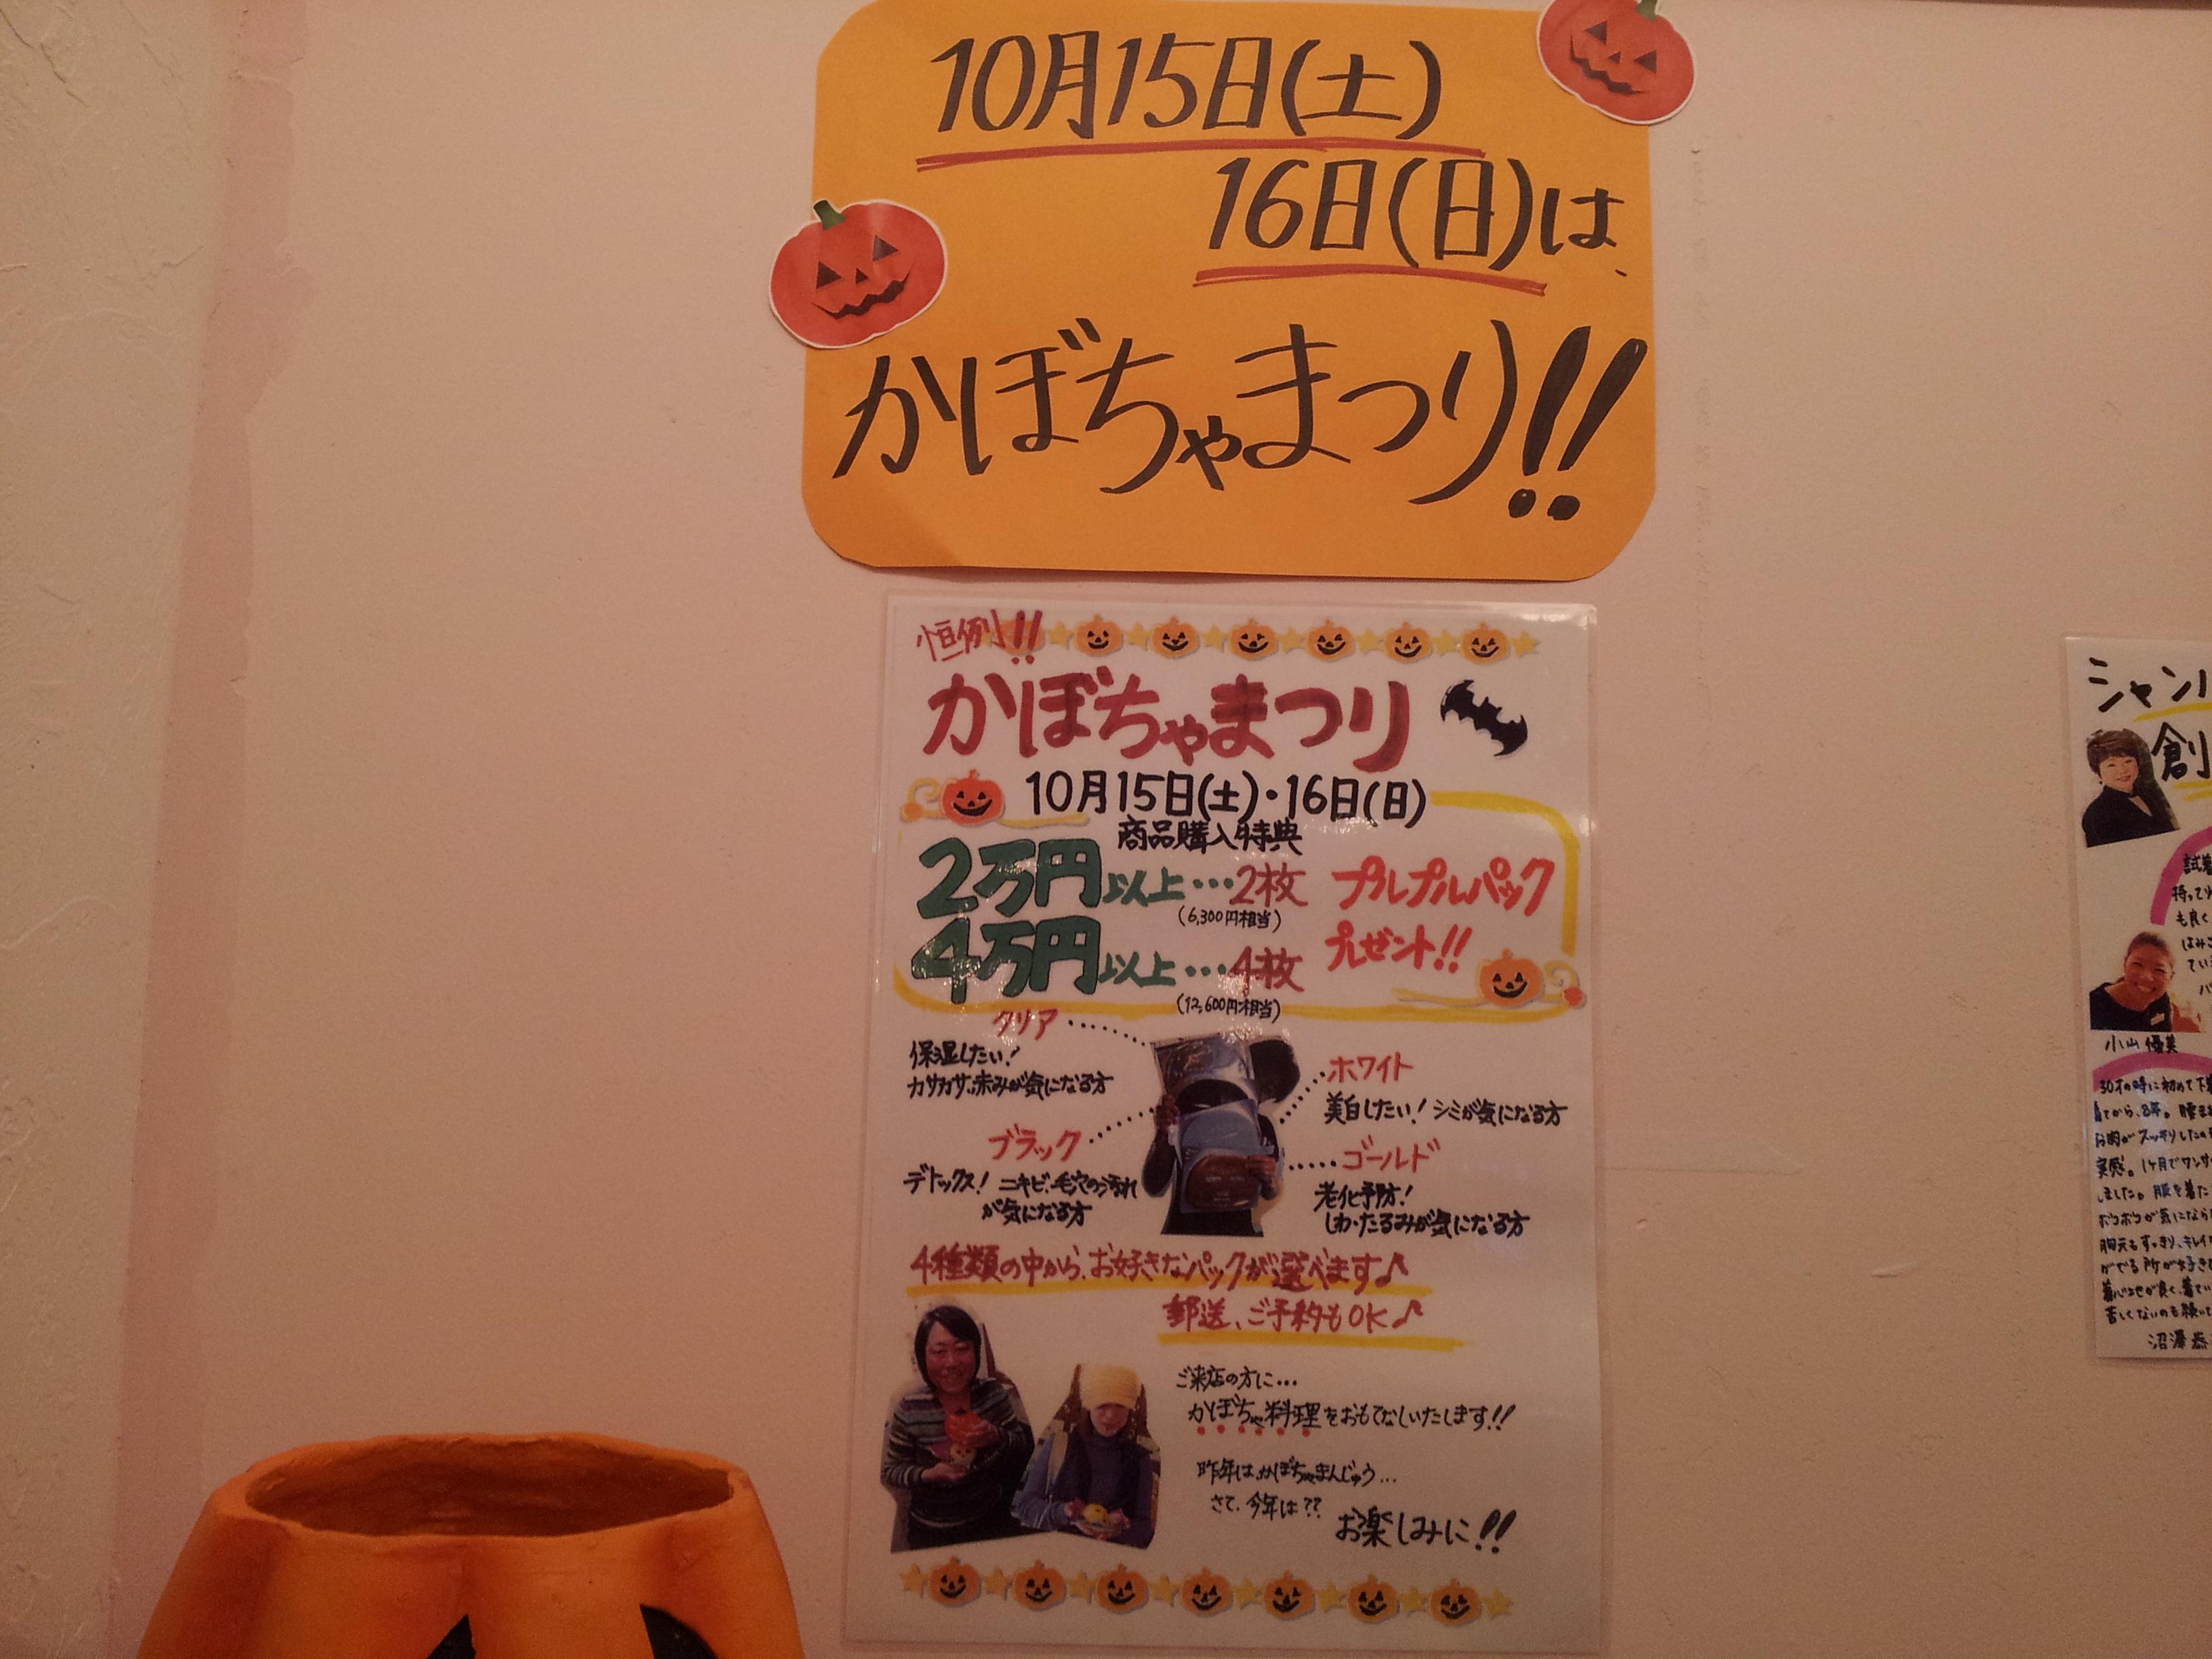 2011-09-24 18.05.17.jpg